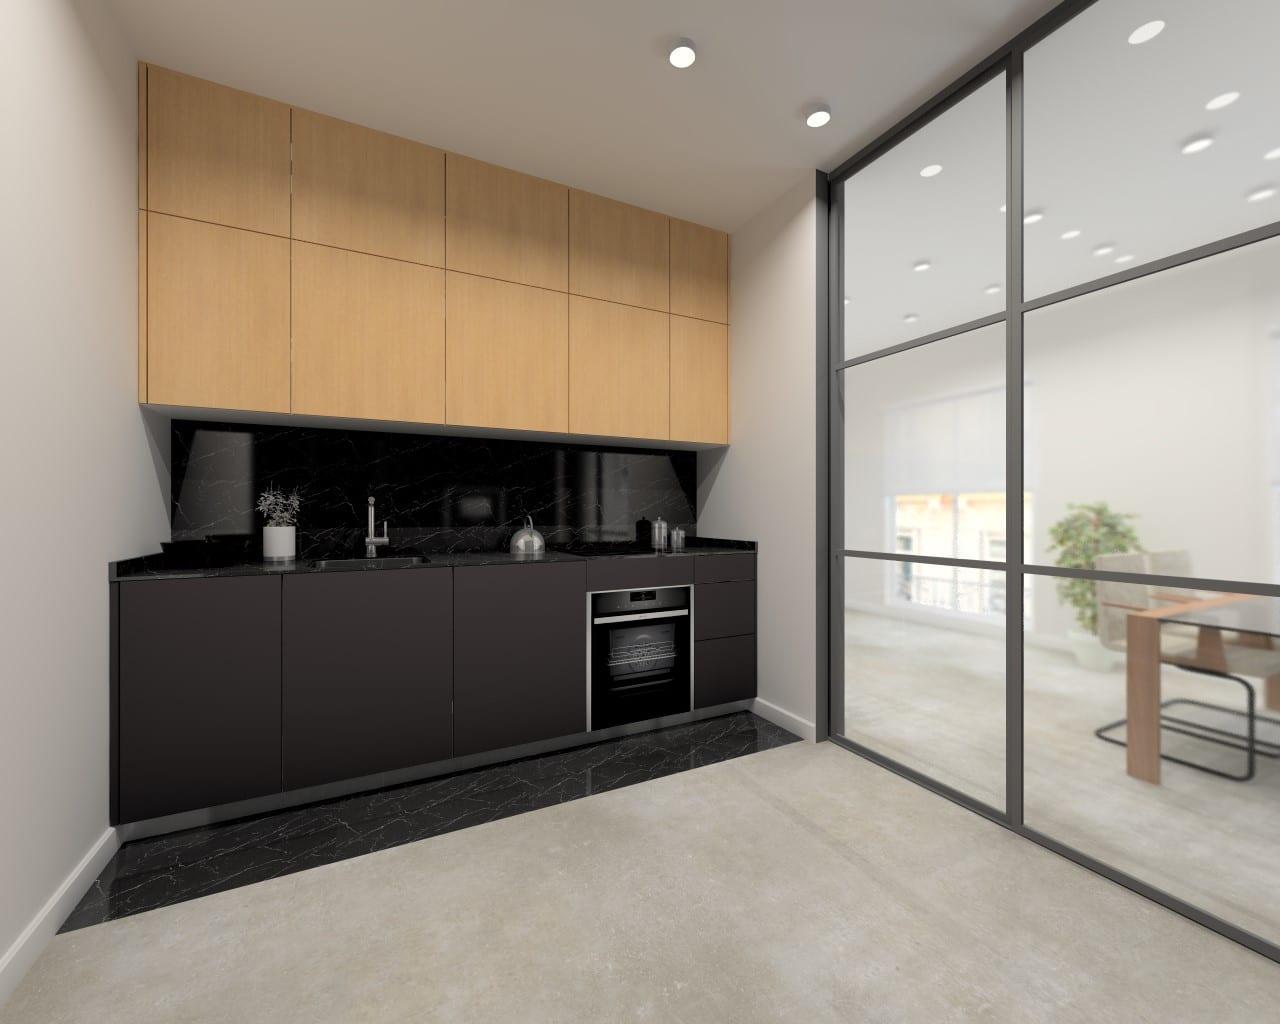 Di s a las cocinas negras estudio cocinas dc for Color roble natural